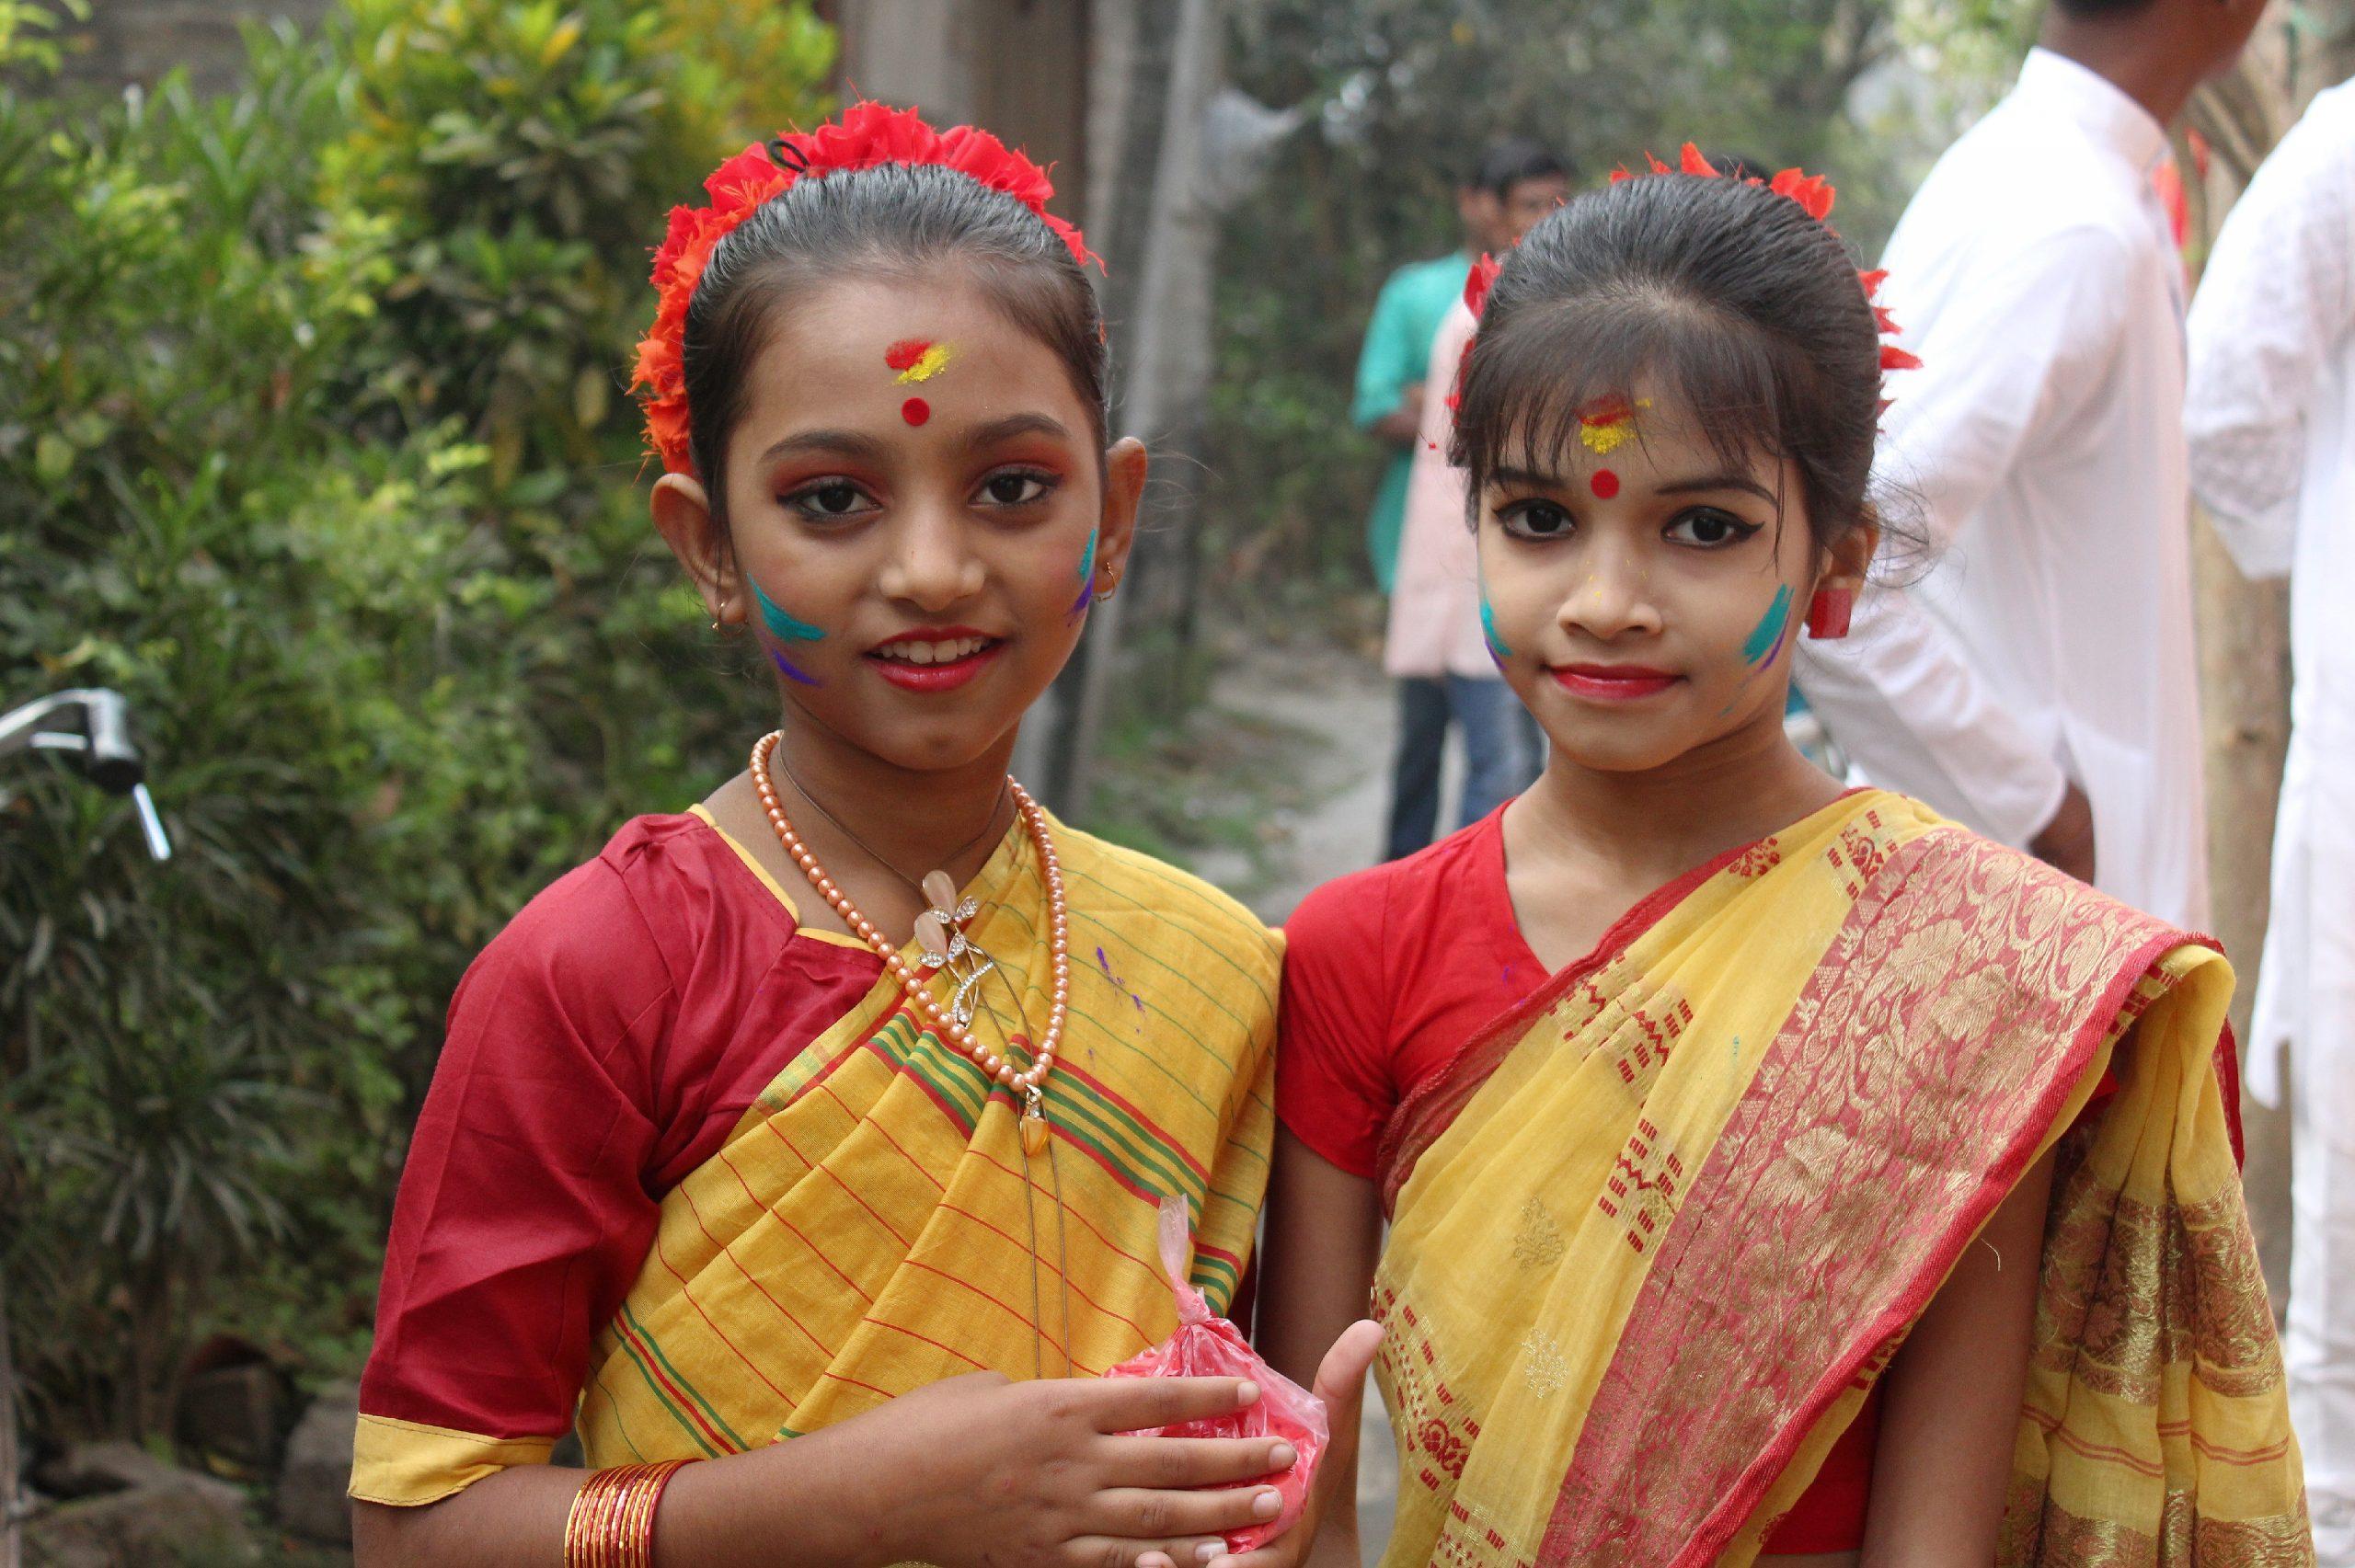 Girls during Holi festival